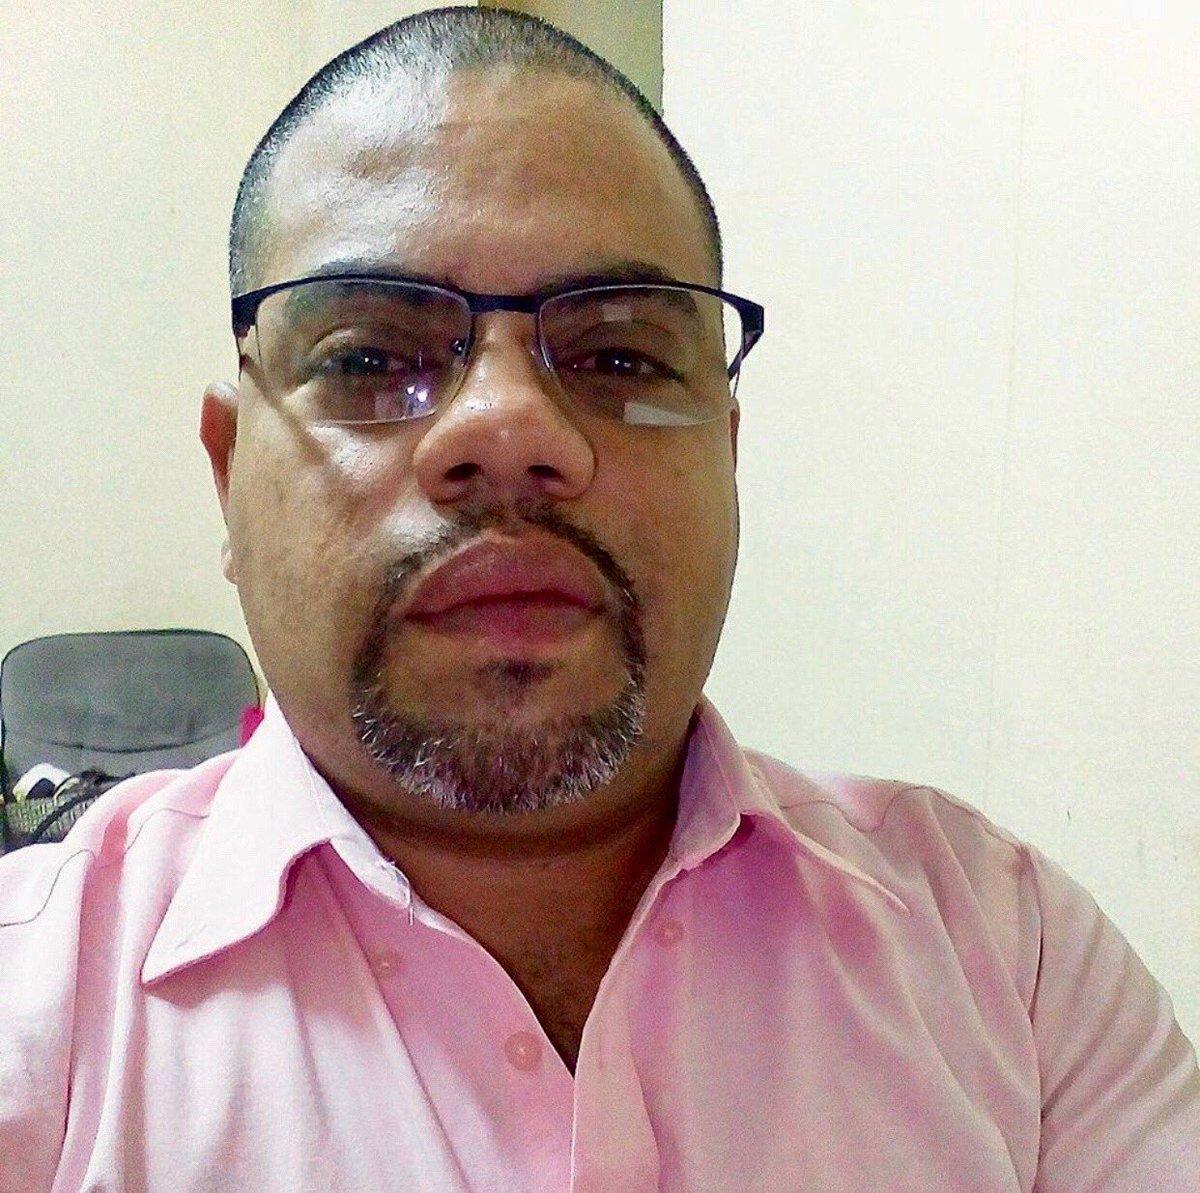 Foto del periodista Ángel Gahona quien murió baleado cuando transmitía en directo los disturbios en Bluefields, Nicaragua. (Foto Prensa Libre: redes sociales)